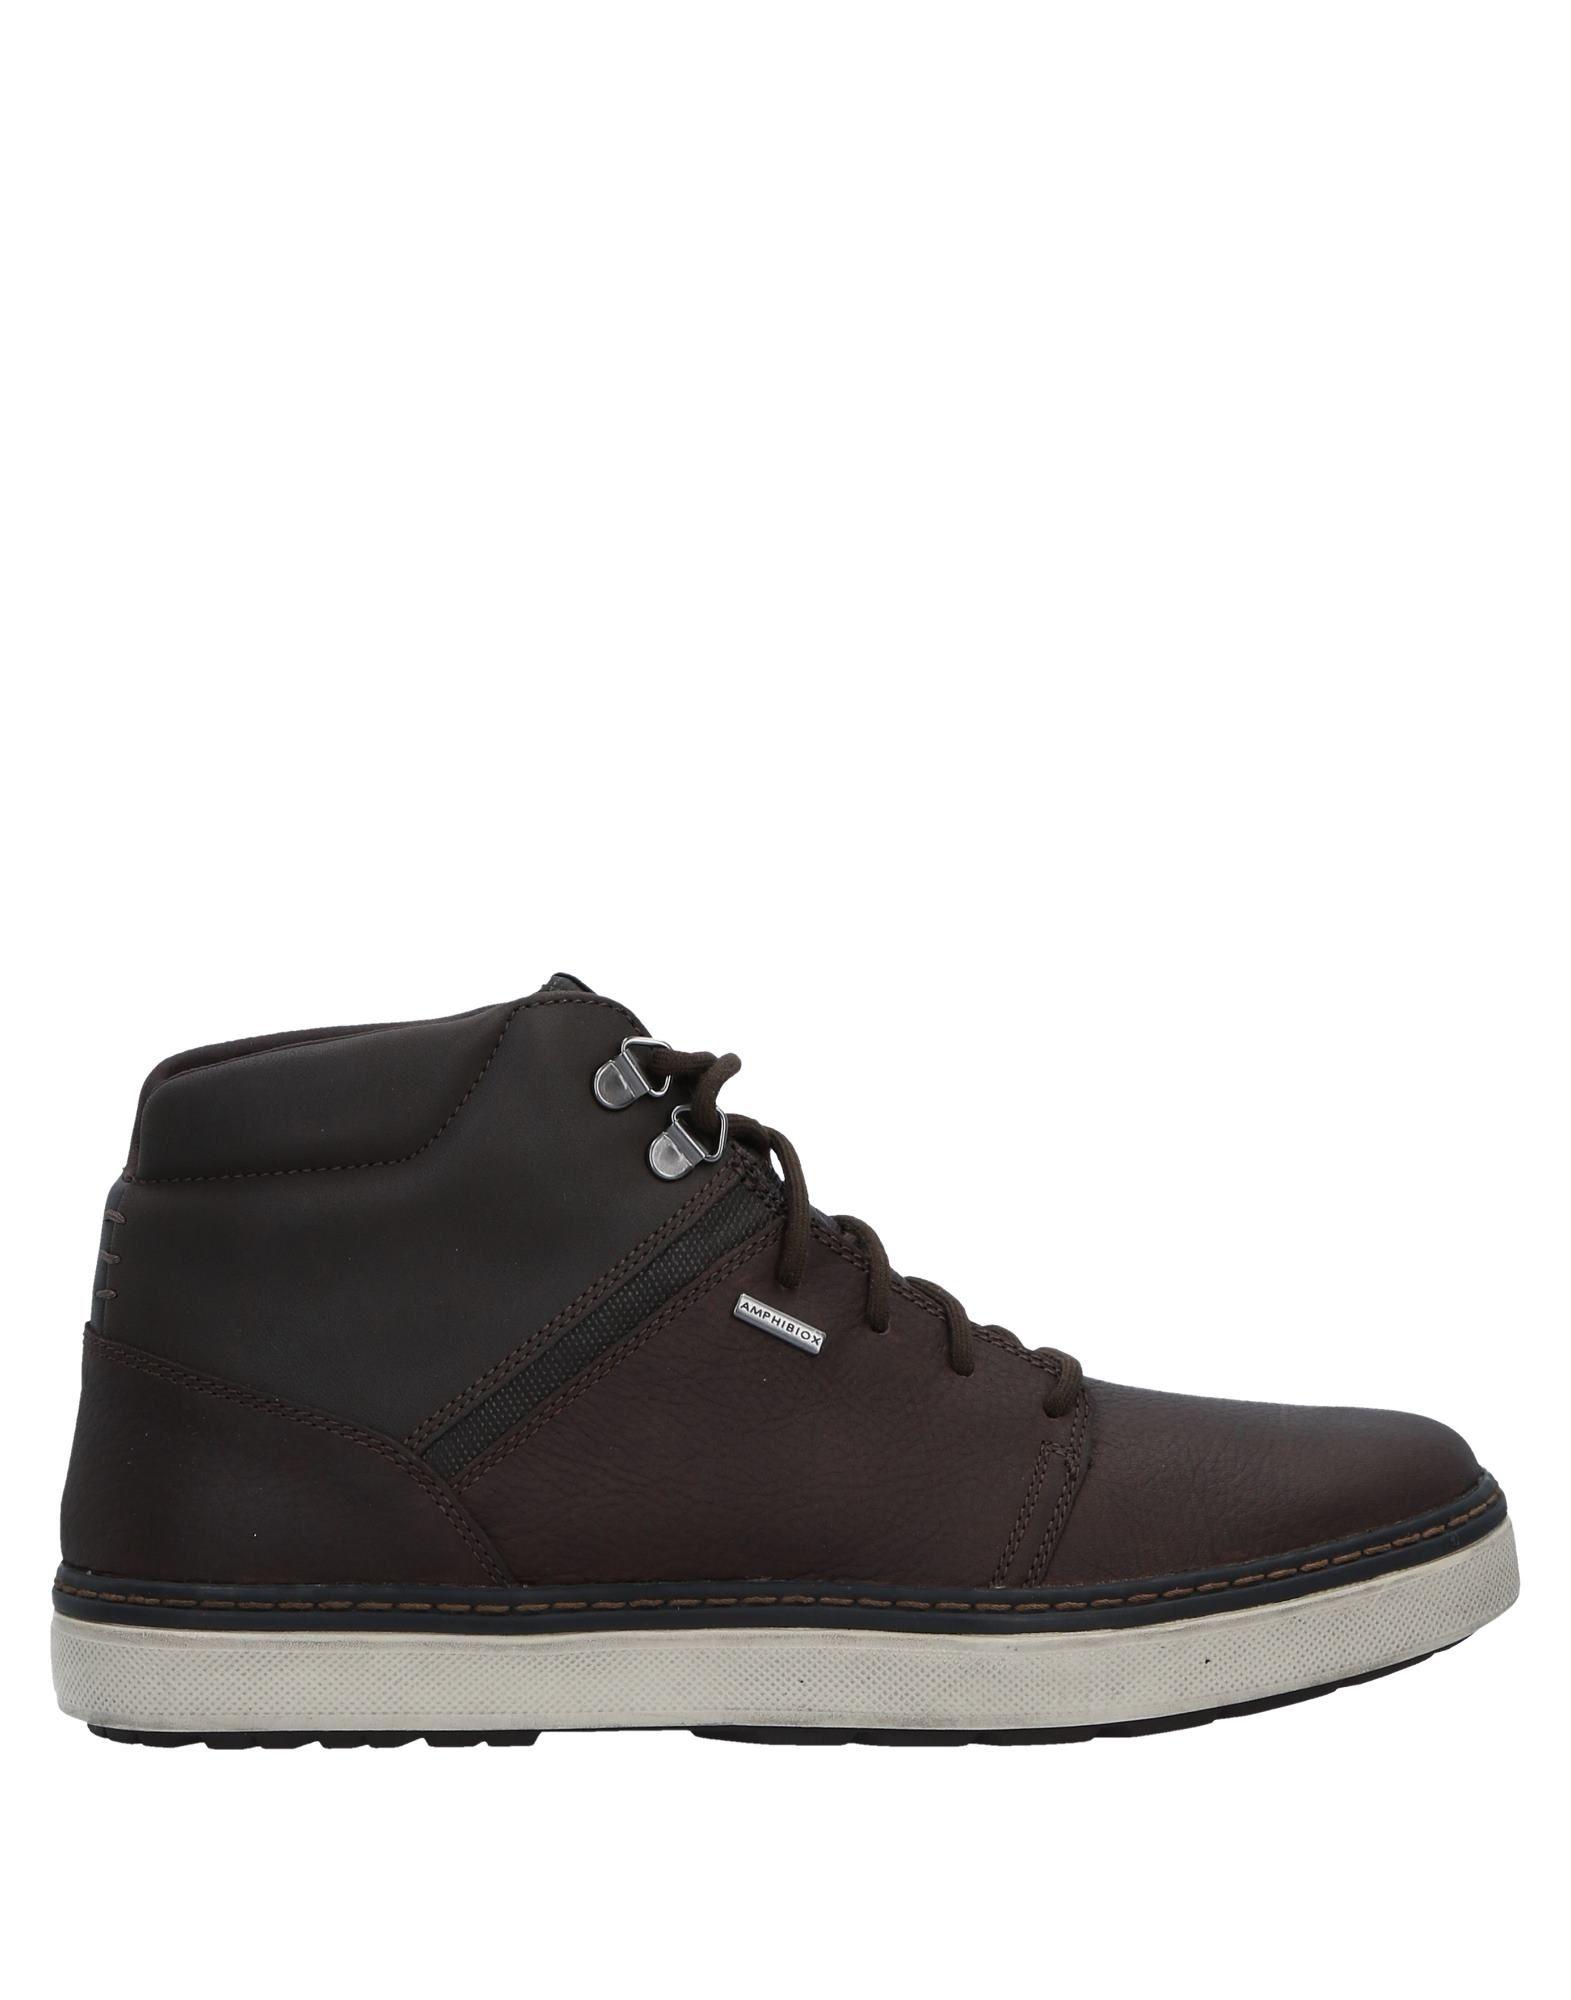 Geox Sneakers Herren  11541168PN Gute Qualität beliebte Schuhe